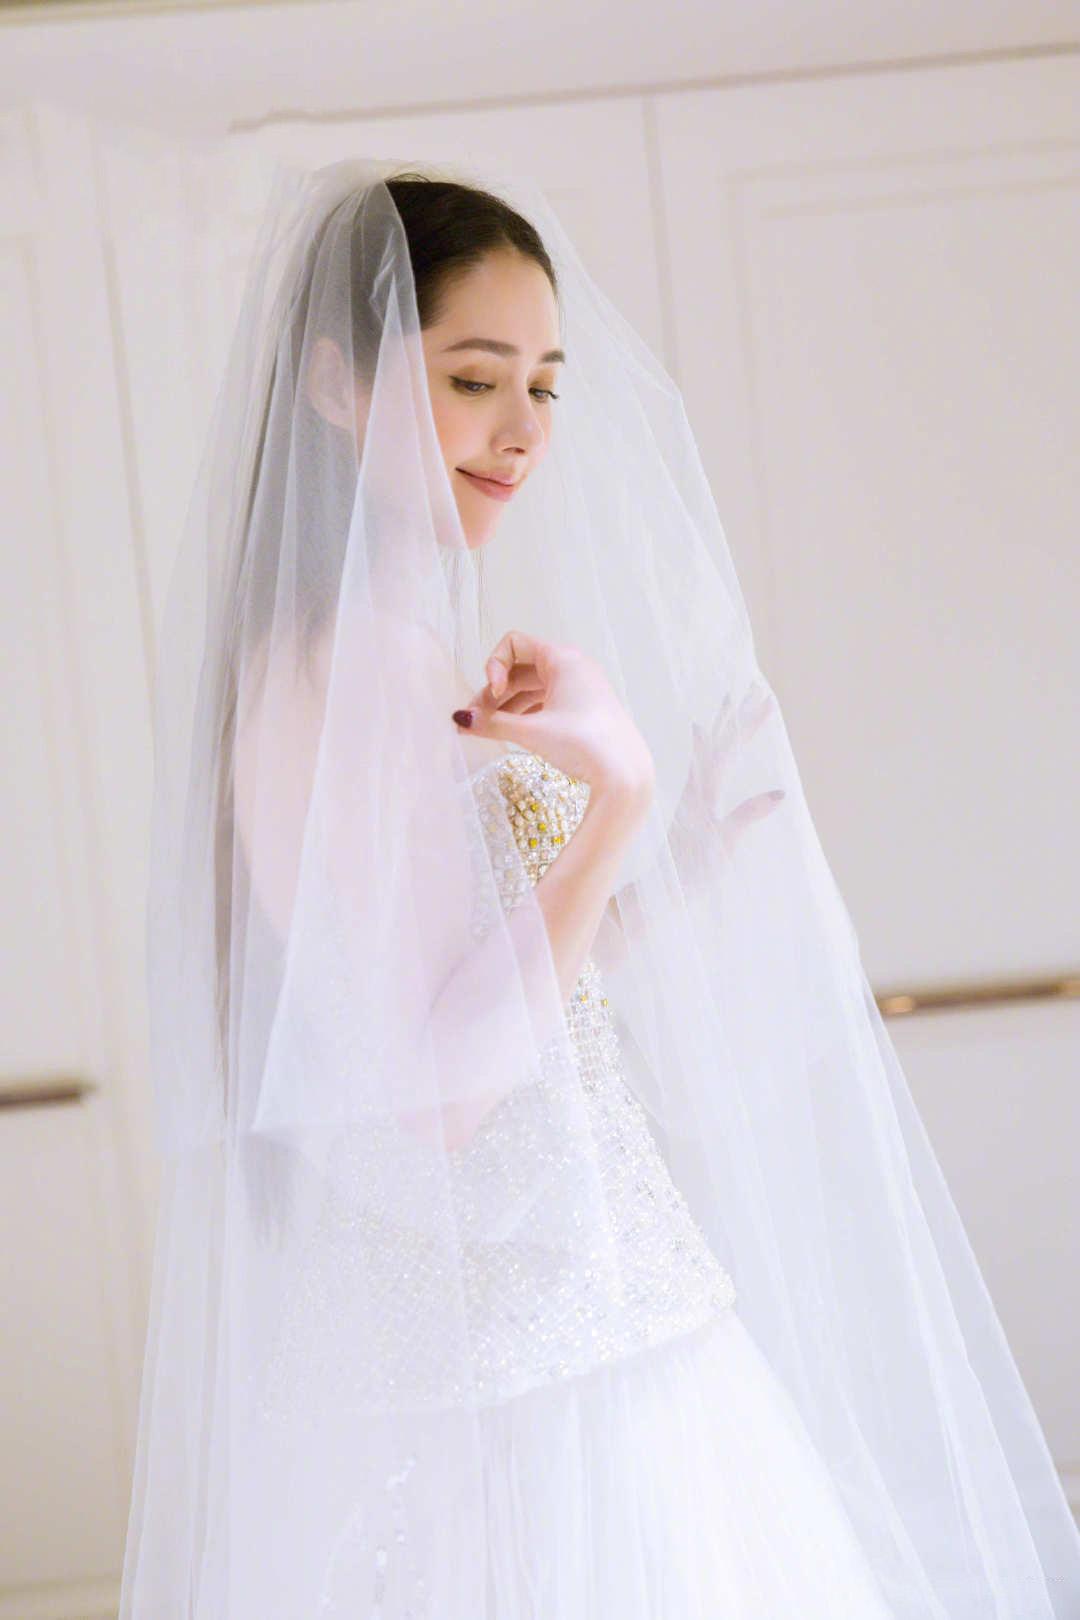 婚纱胸_婚纱图片唯美